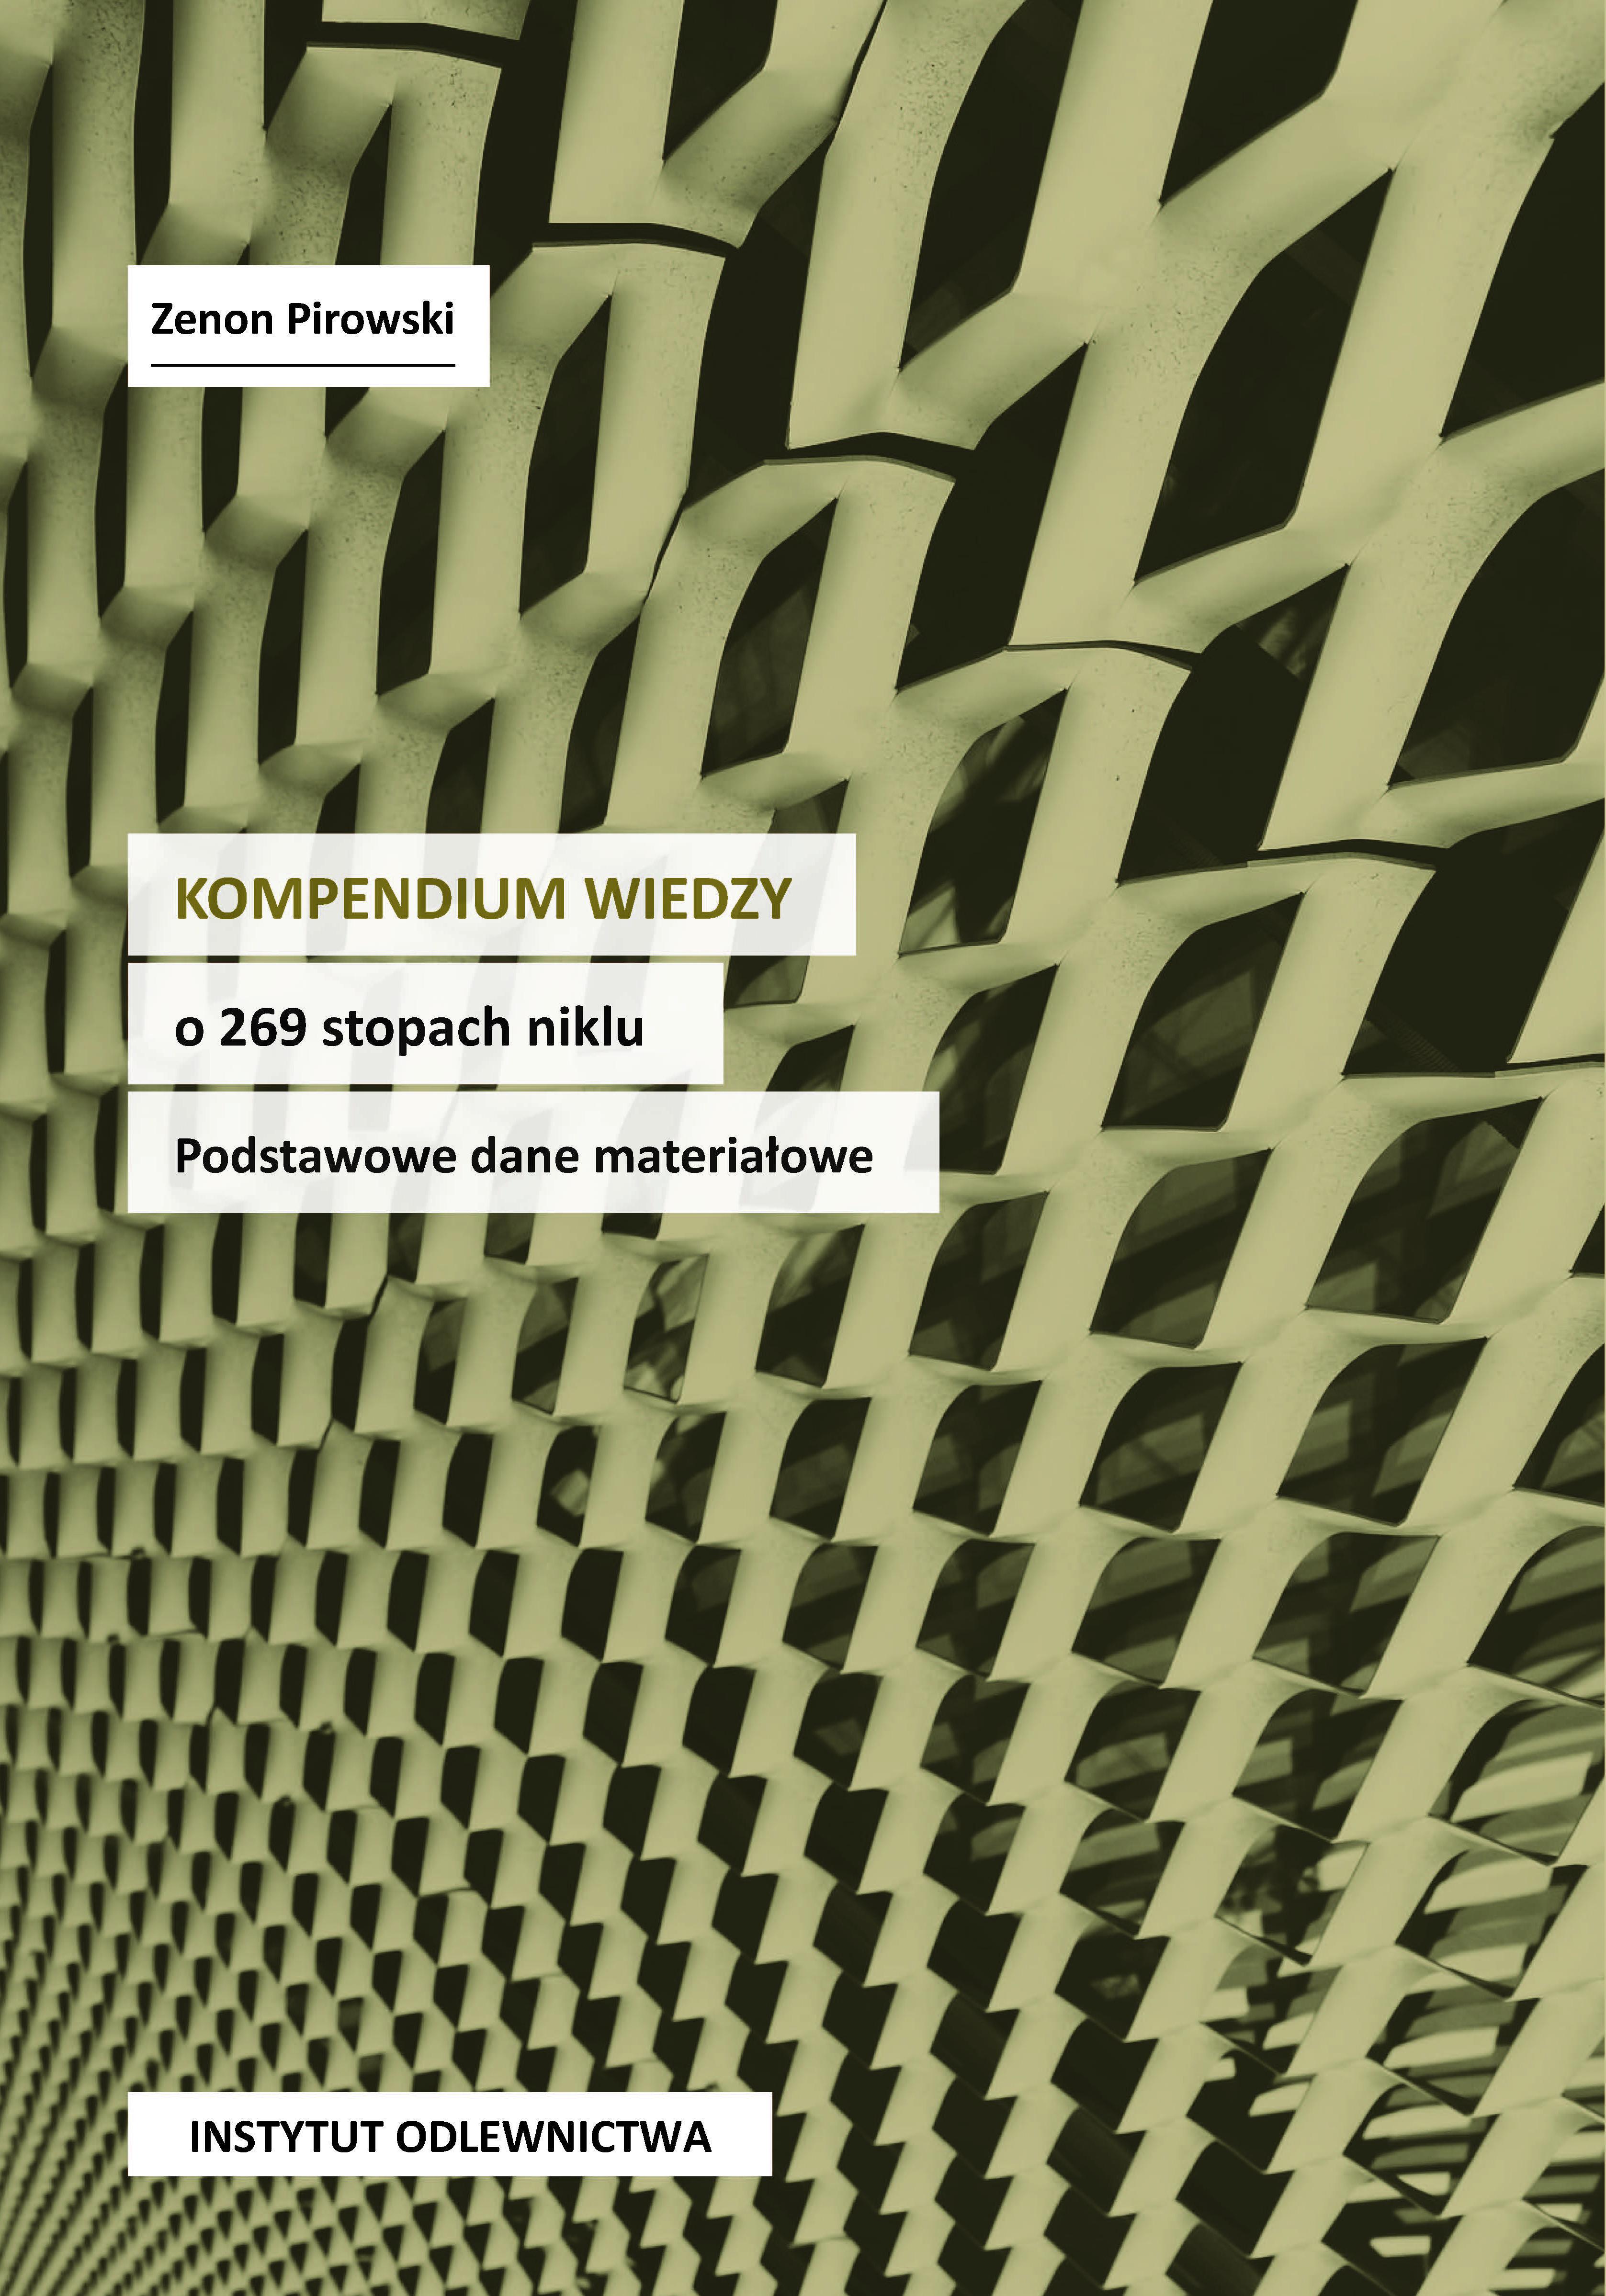 Kompendium wiedzy o 269 stopach niklu. Podstawowe dane materiałowe